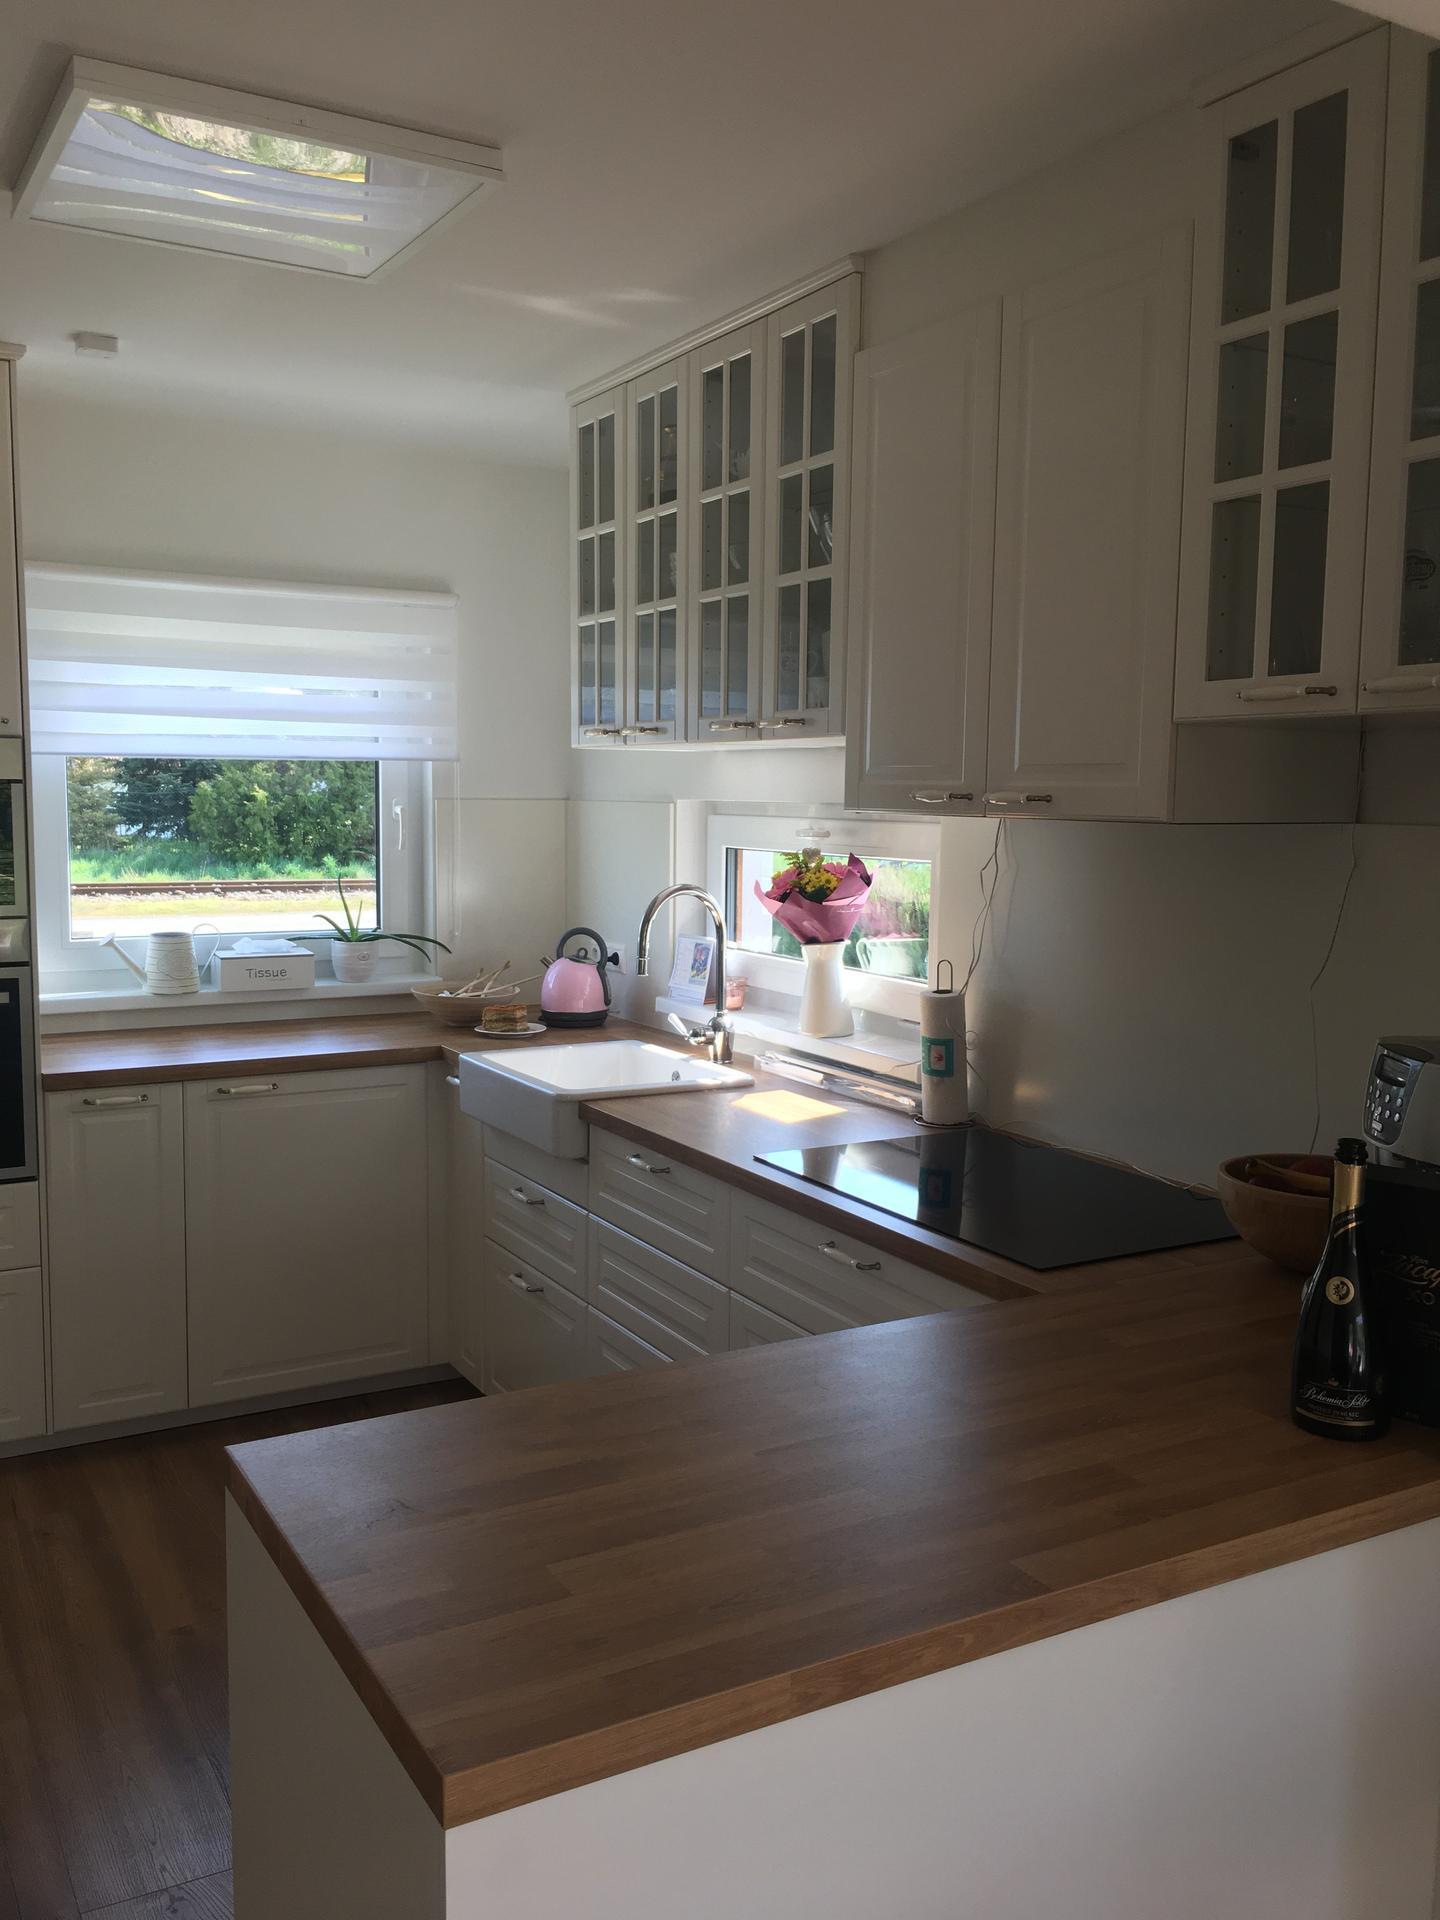 Naše kuchyň 2020 - Obrázek č. 4